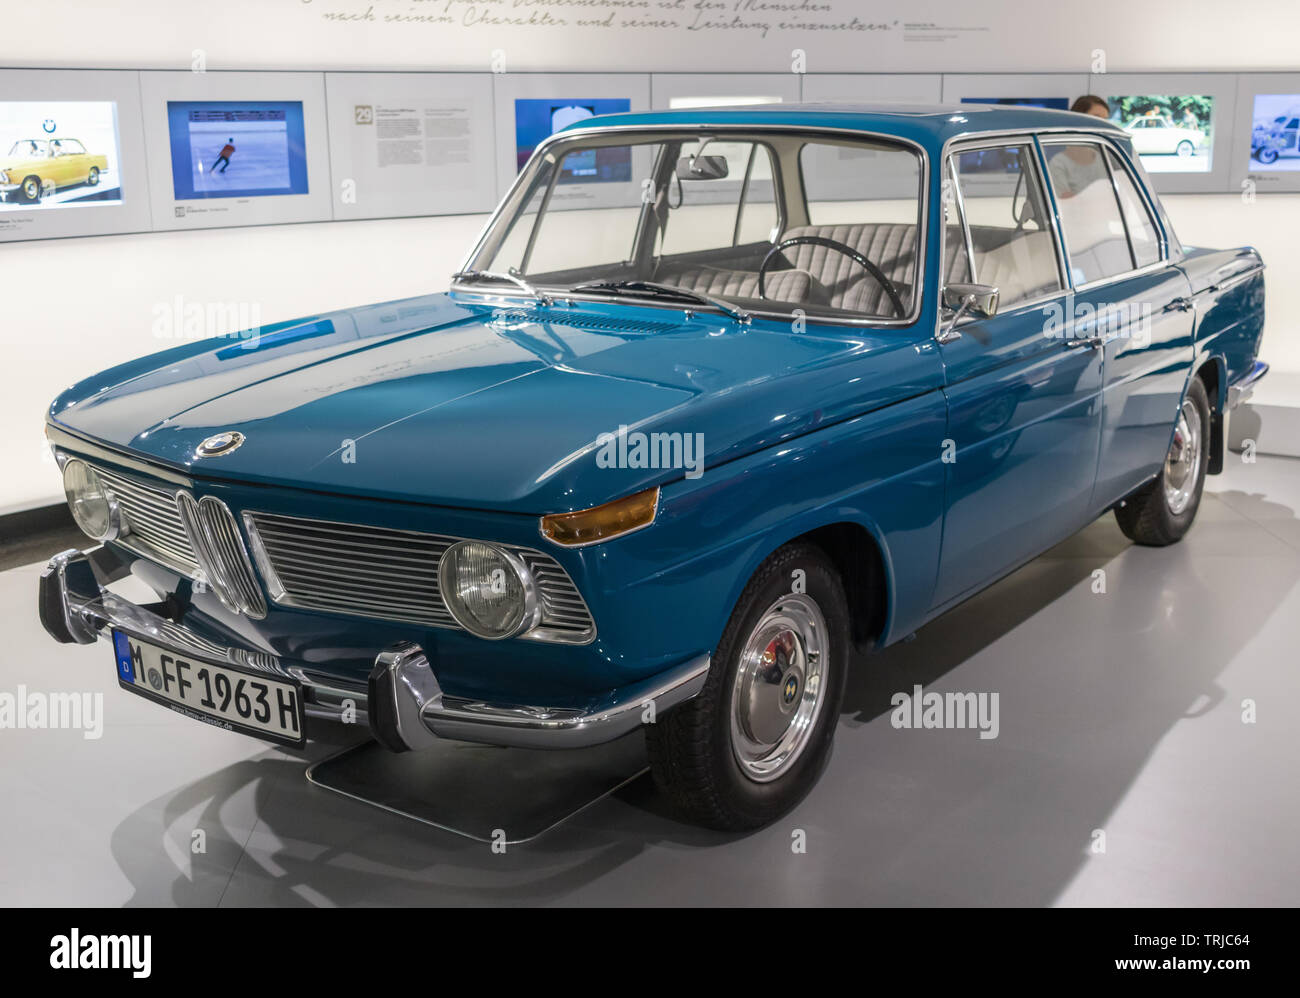 München, Deutschland - deutsche Autos sind unter den Technologisch voraus in der Welt und weltweit berühmt. Hier insbesondere das BMW Museum Stockbild